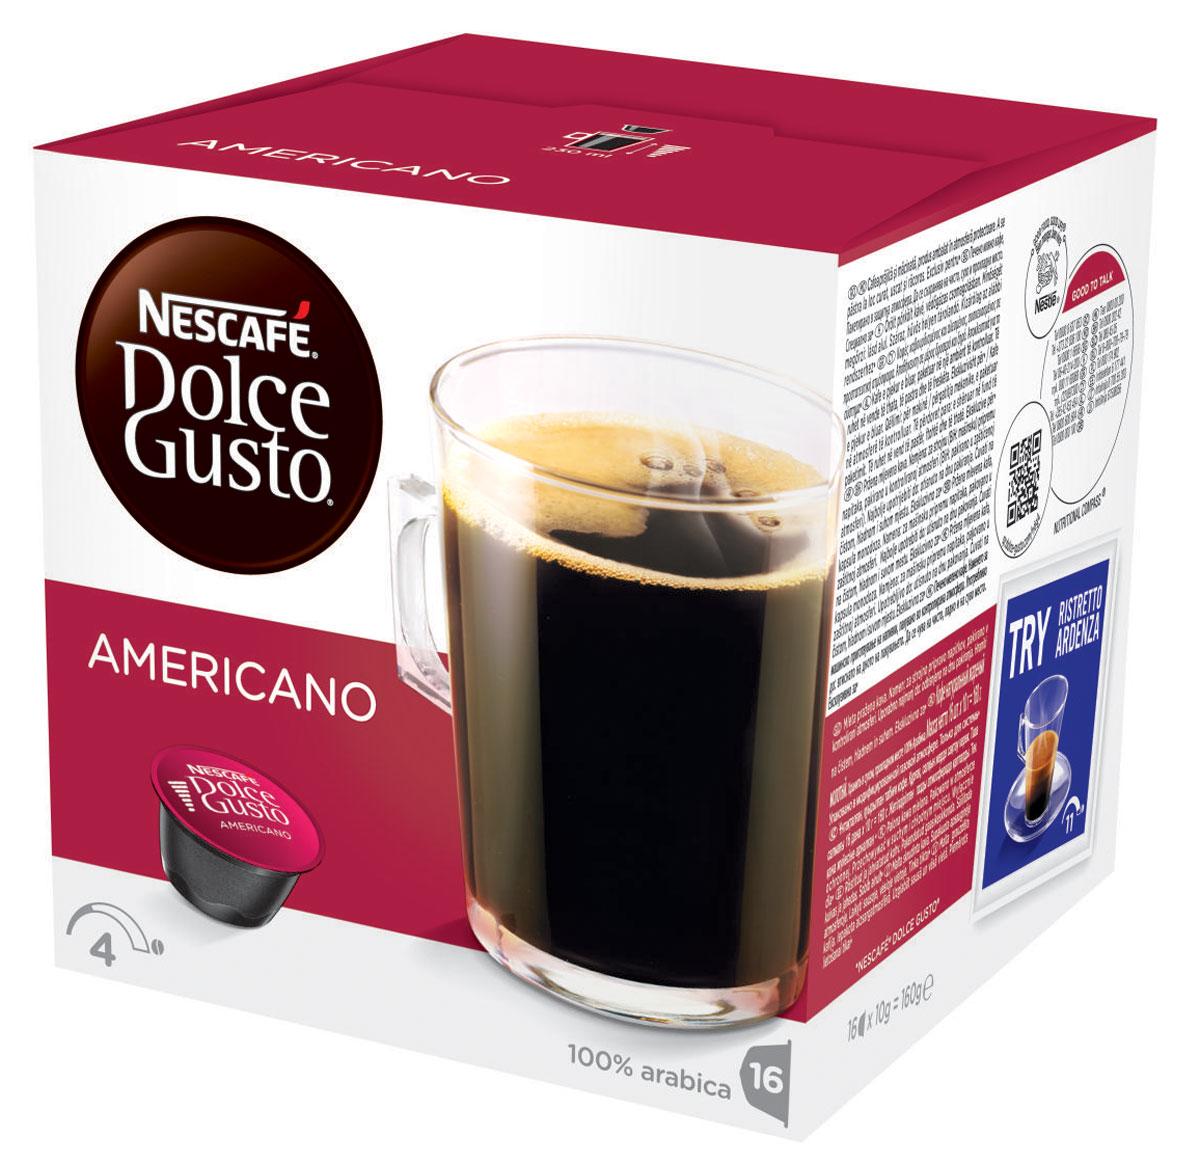 Nescafe Dolce Gusto Americano кофе в капсулах, 16 шт0120710Nescafe Dolce Gusto Americano – просто обжаренный и перемолотый кофе, но это не должно вводить вас в заблуждение. Это стильная мягкая композиция, которой можно наслаждаться в любое время дня. Приготовленный из отборных обжаренных кофейных зерен американо можно подавать с молоком или без него, чтобы получить вкус свежеприготовленного кофе в любом виде, который вам нравится.Легкая прожарка простого, но надежного купажа из 100% зерен Арабики делает капсульный кофе американо чуть менее насыщенным, чем лунго или гранде, но все еще с тем же вкусом из кофейни, который вы любите. Идеальный для удачного начала дня, подавайте его в большой чашке, чтобы полностью насладиться ароматом.